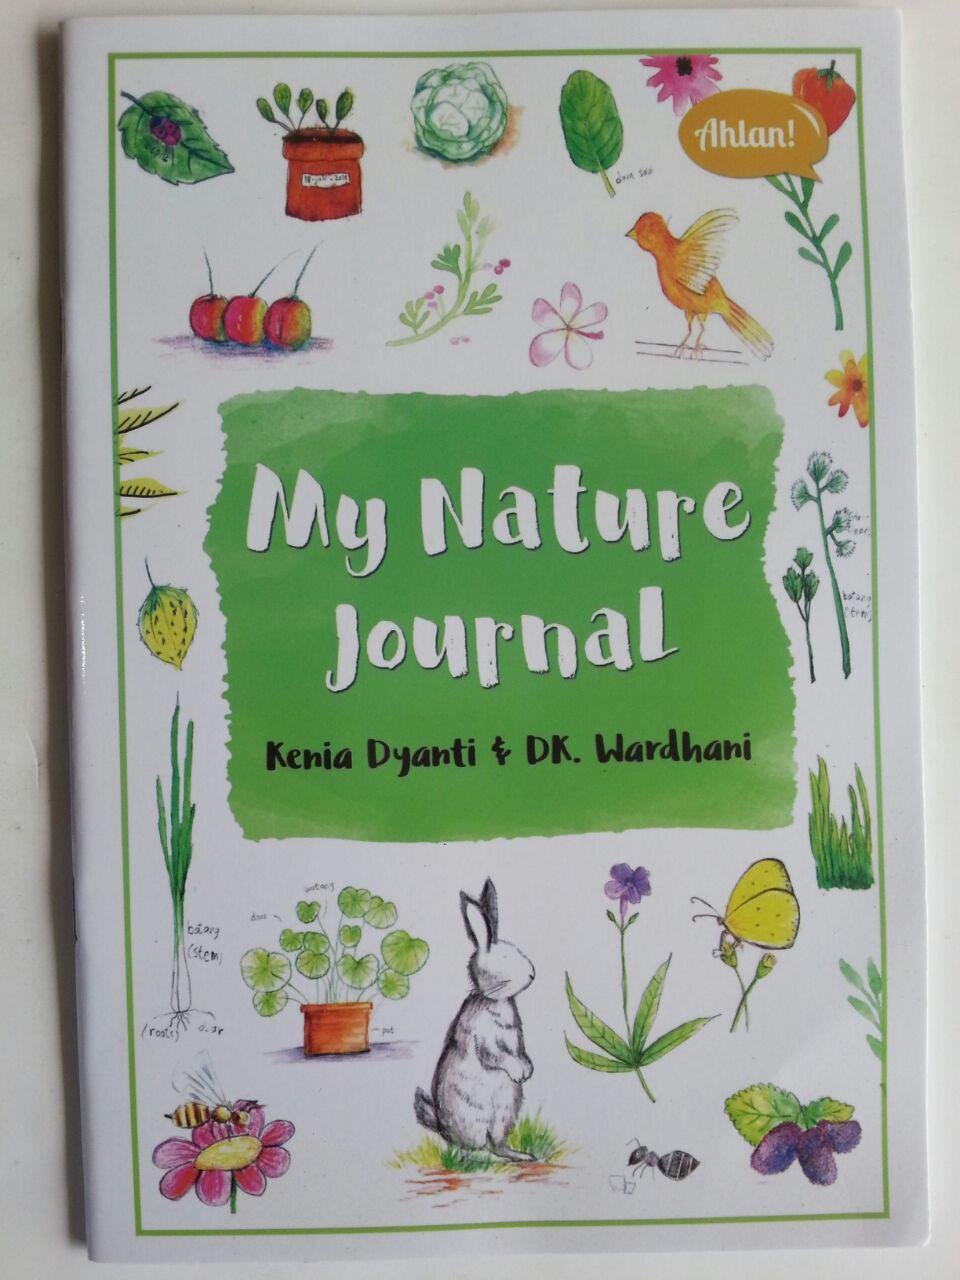 Buku Anak My Nature Journal Pengamatan Dan Gambar Ulang Di Bukuku cover 2